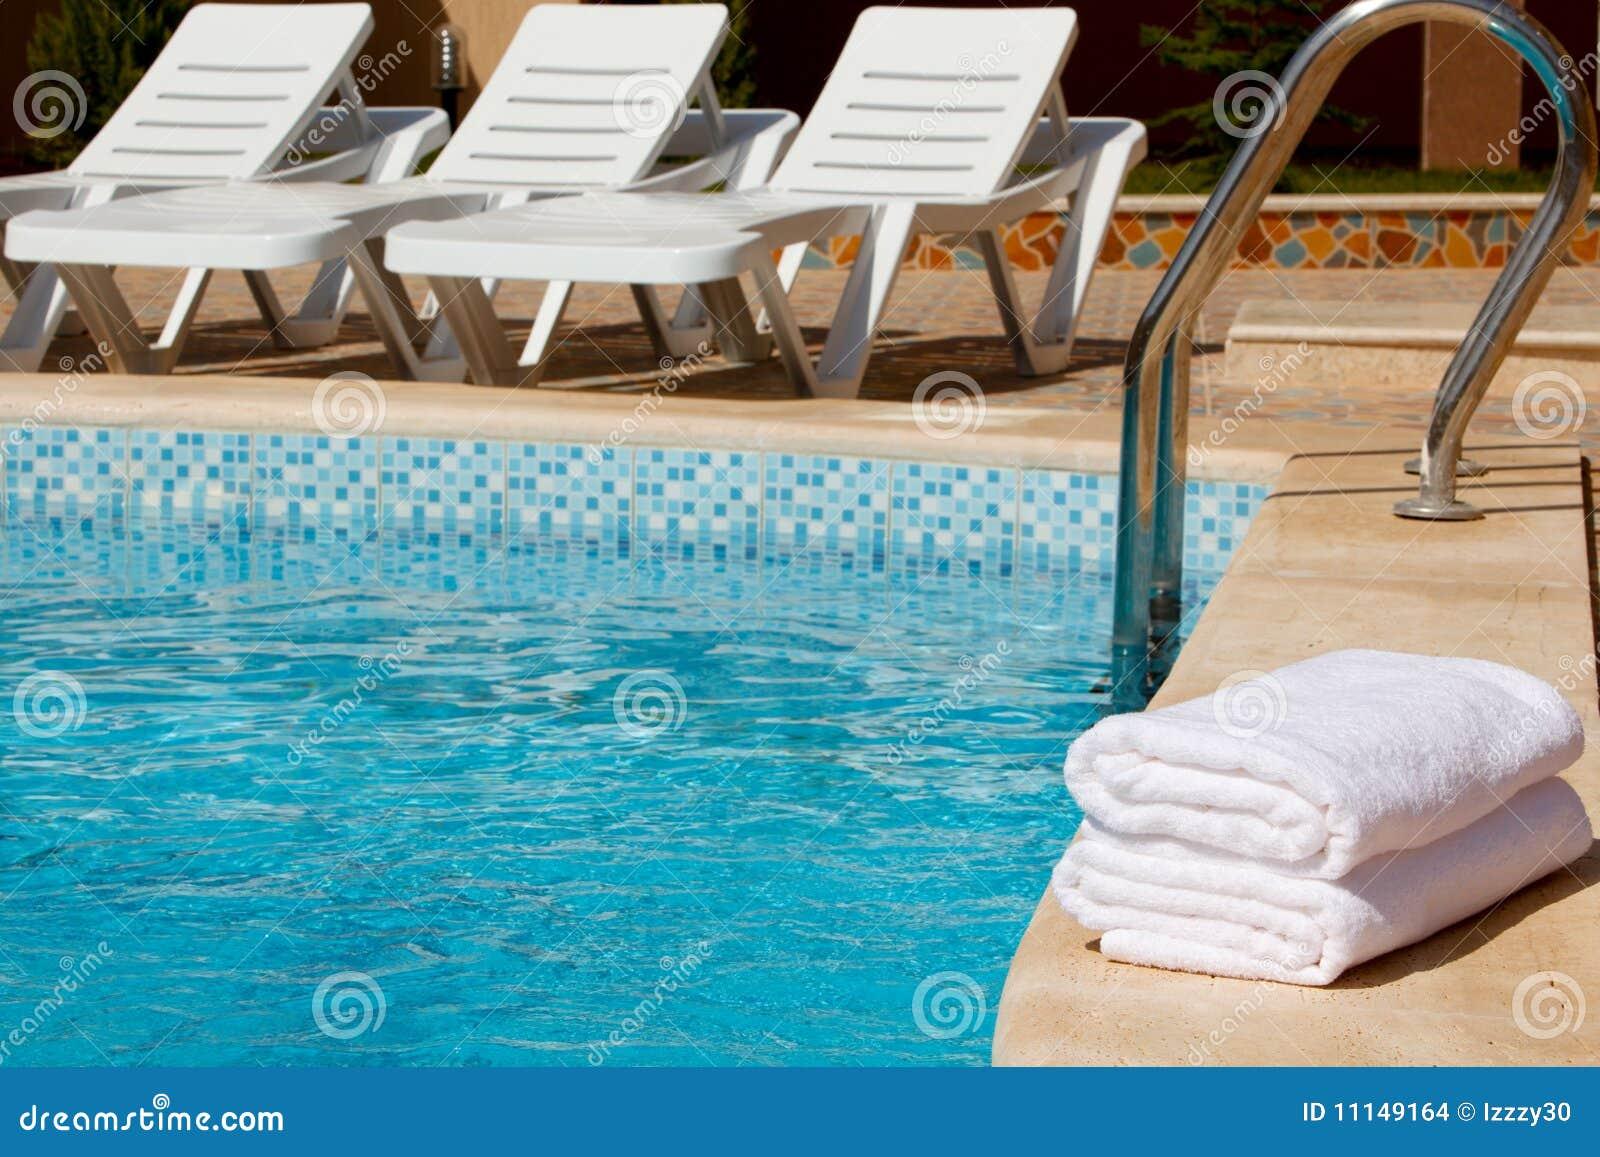 Toallas blancas por la piscina imagenes de archivo for Toallas piscina